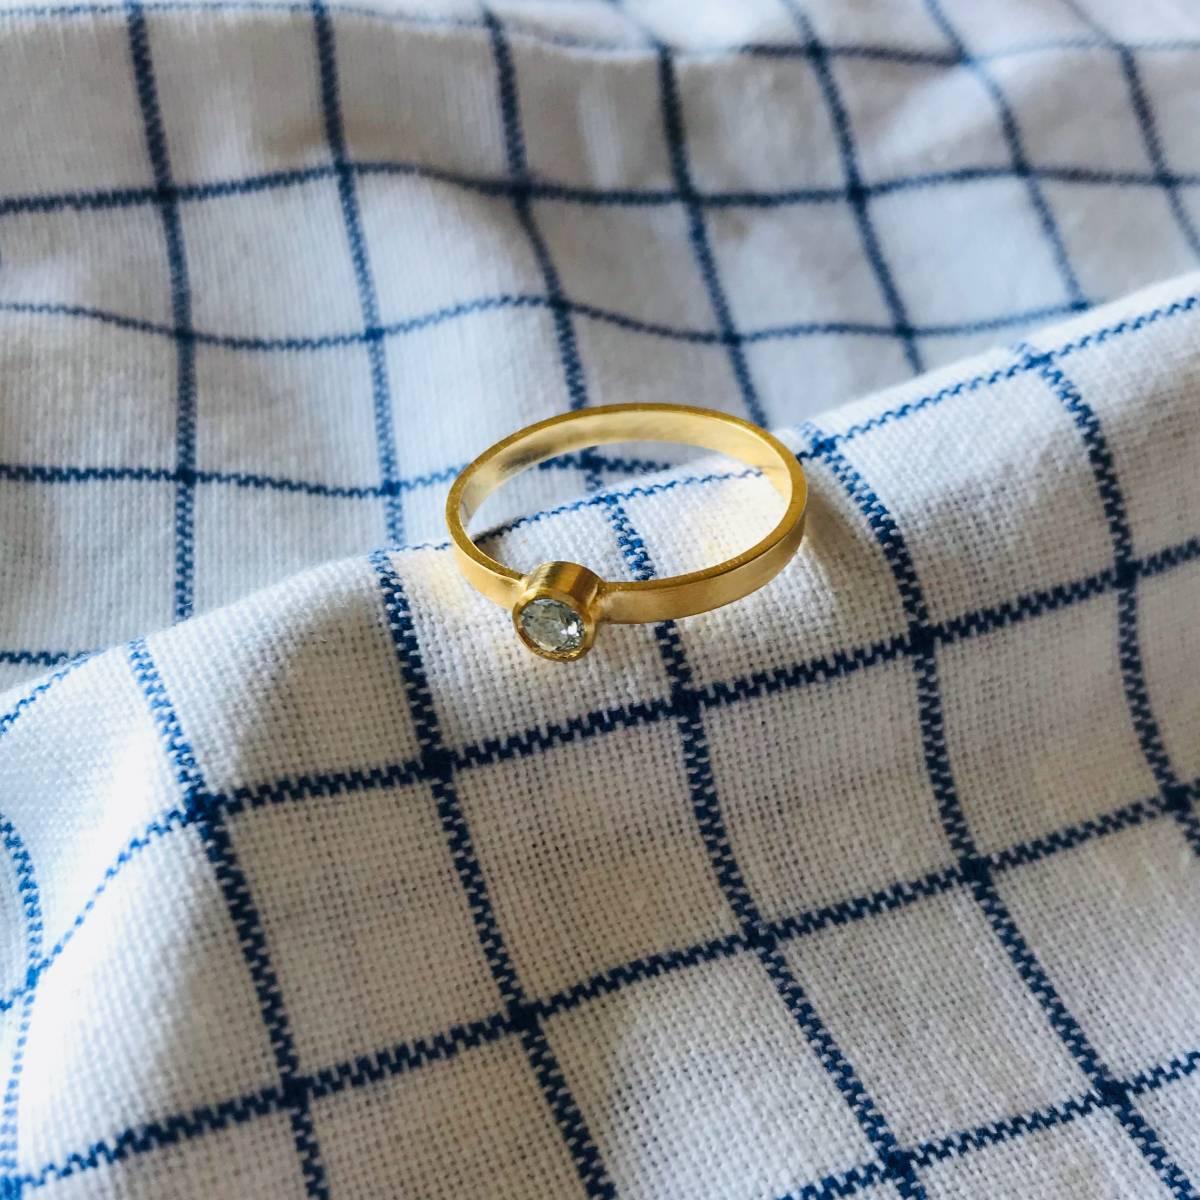 MMAAK - Bruidsjuwelen - Fotograaf Marlies Martens (zelf) - House of Weddings 18